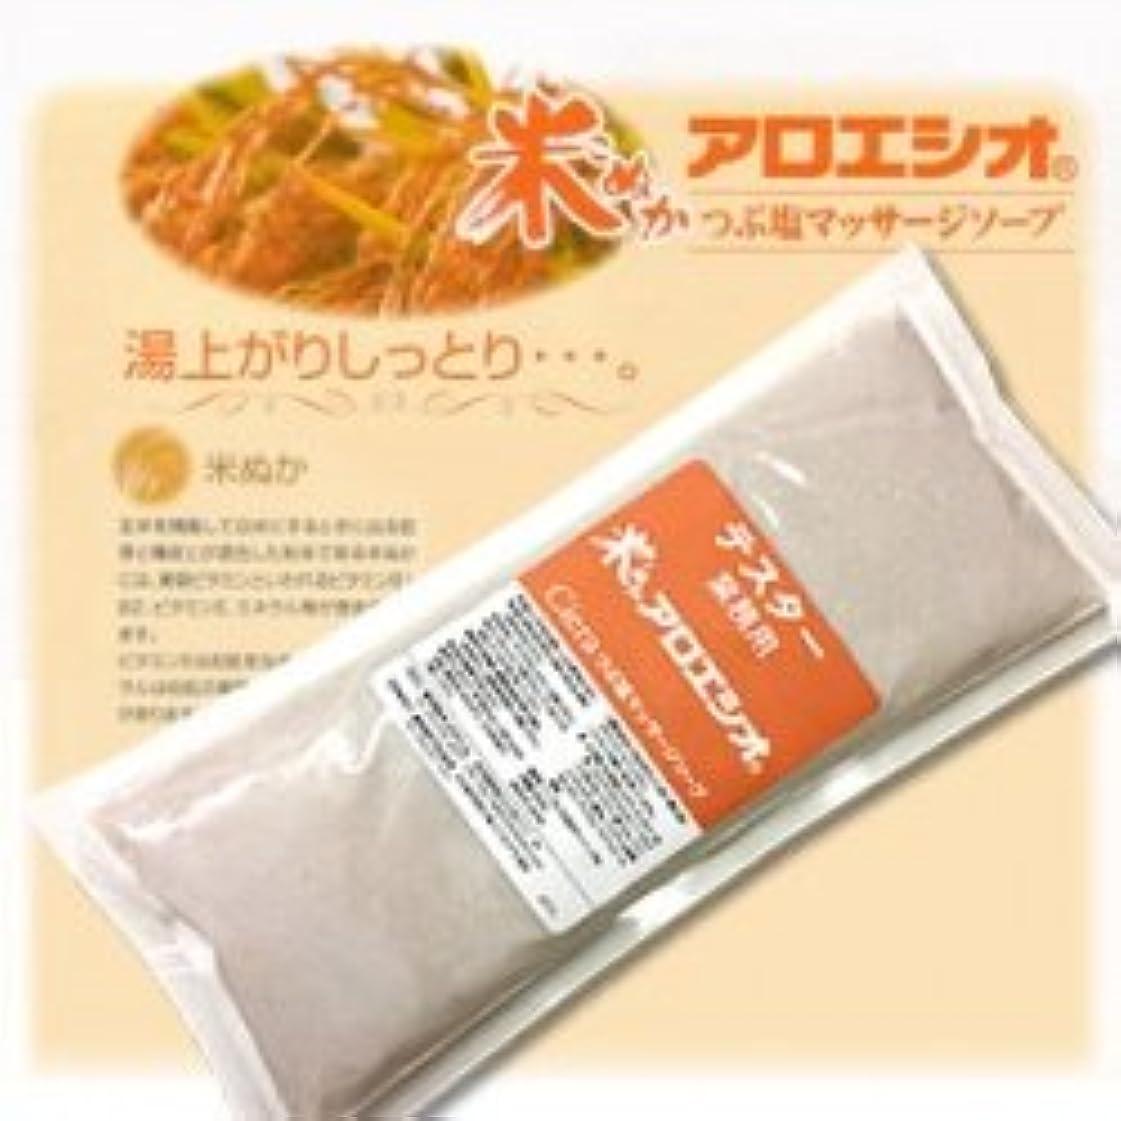 処理袋洞察力のある業務用米ぬかアロエ塩 800g つぶ塩マッサージソープ/ フタバ化学 アロエシオ Ciera